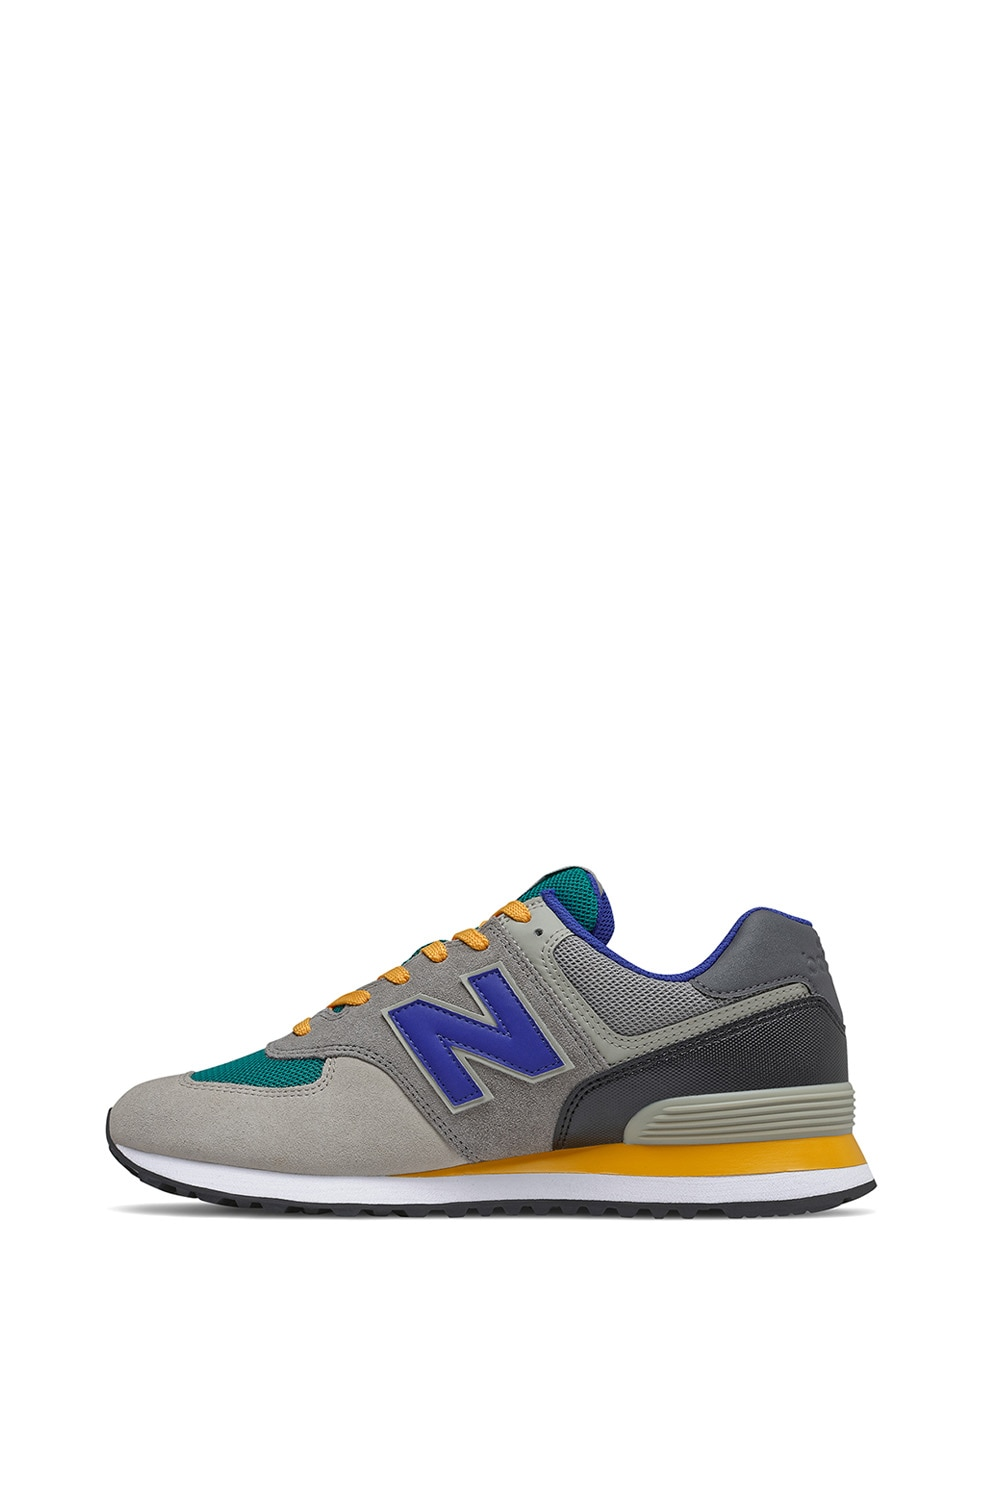 New Balance, Pantofi sport colorblock cu insertii de piele intoarsa 574, Gri/Verde persan/Albastru royal, 9.5